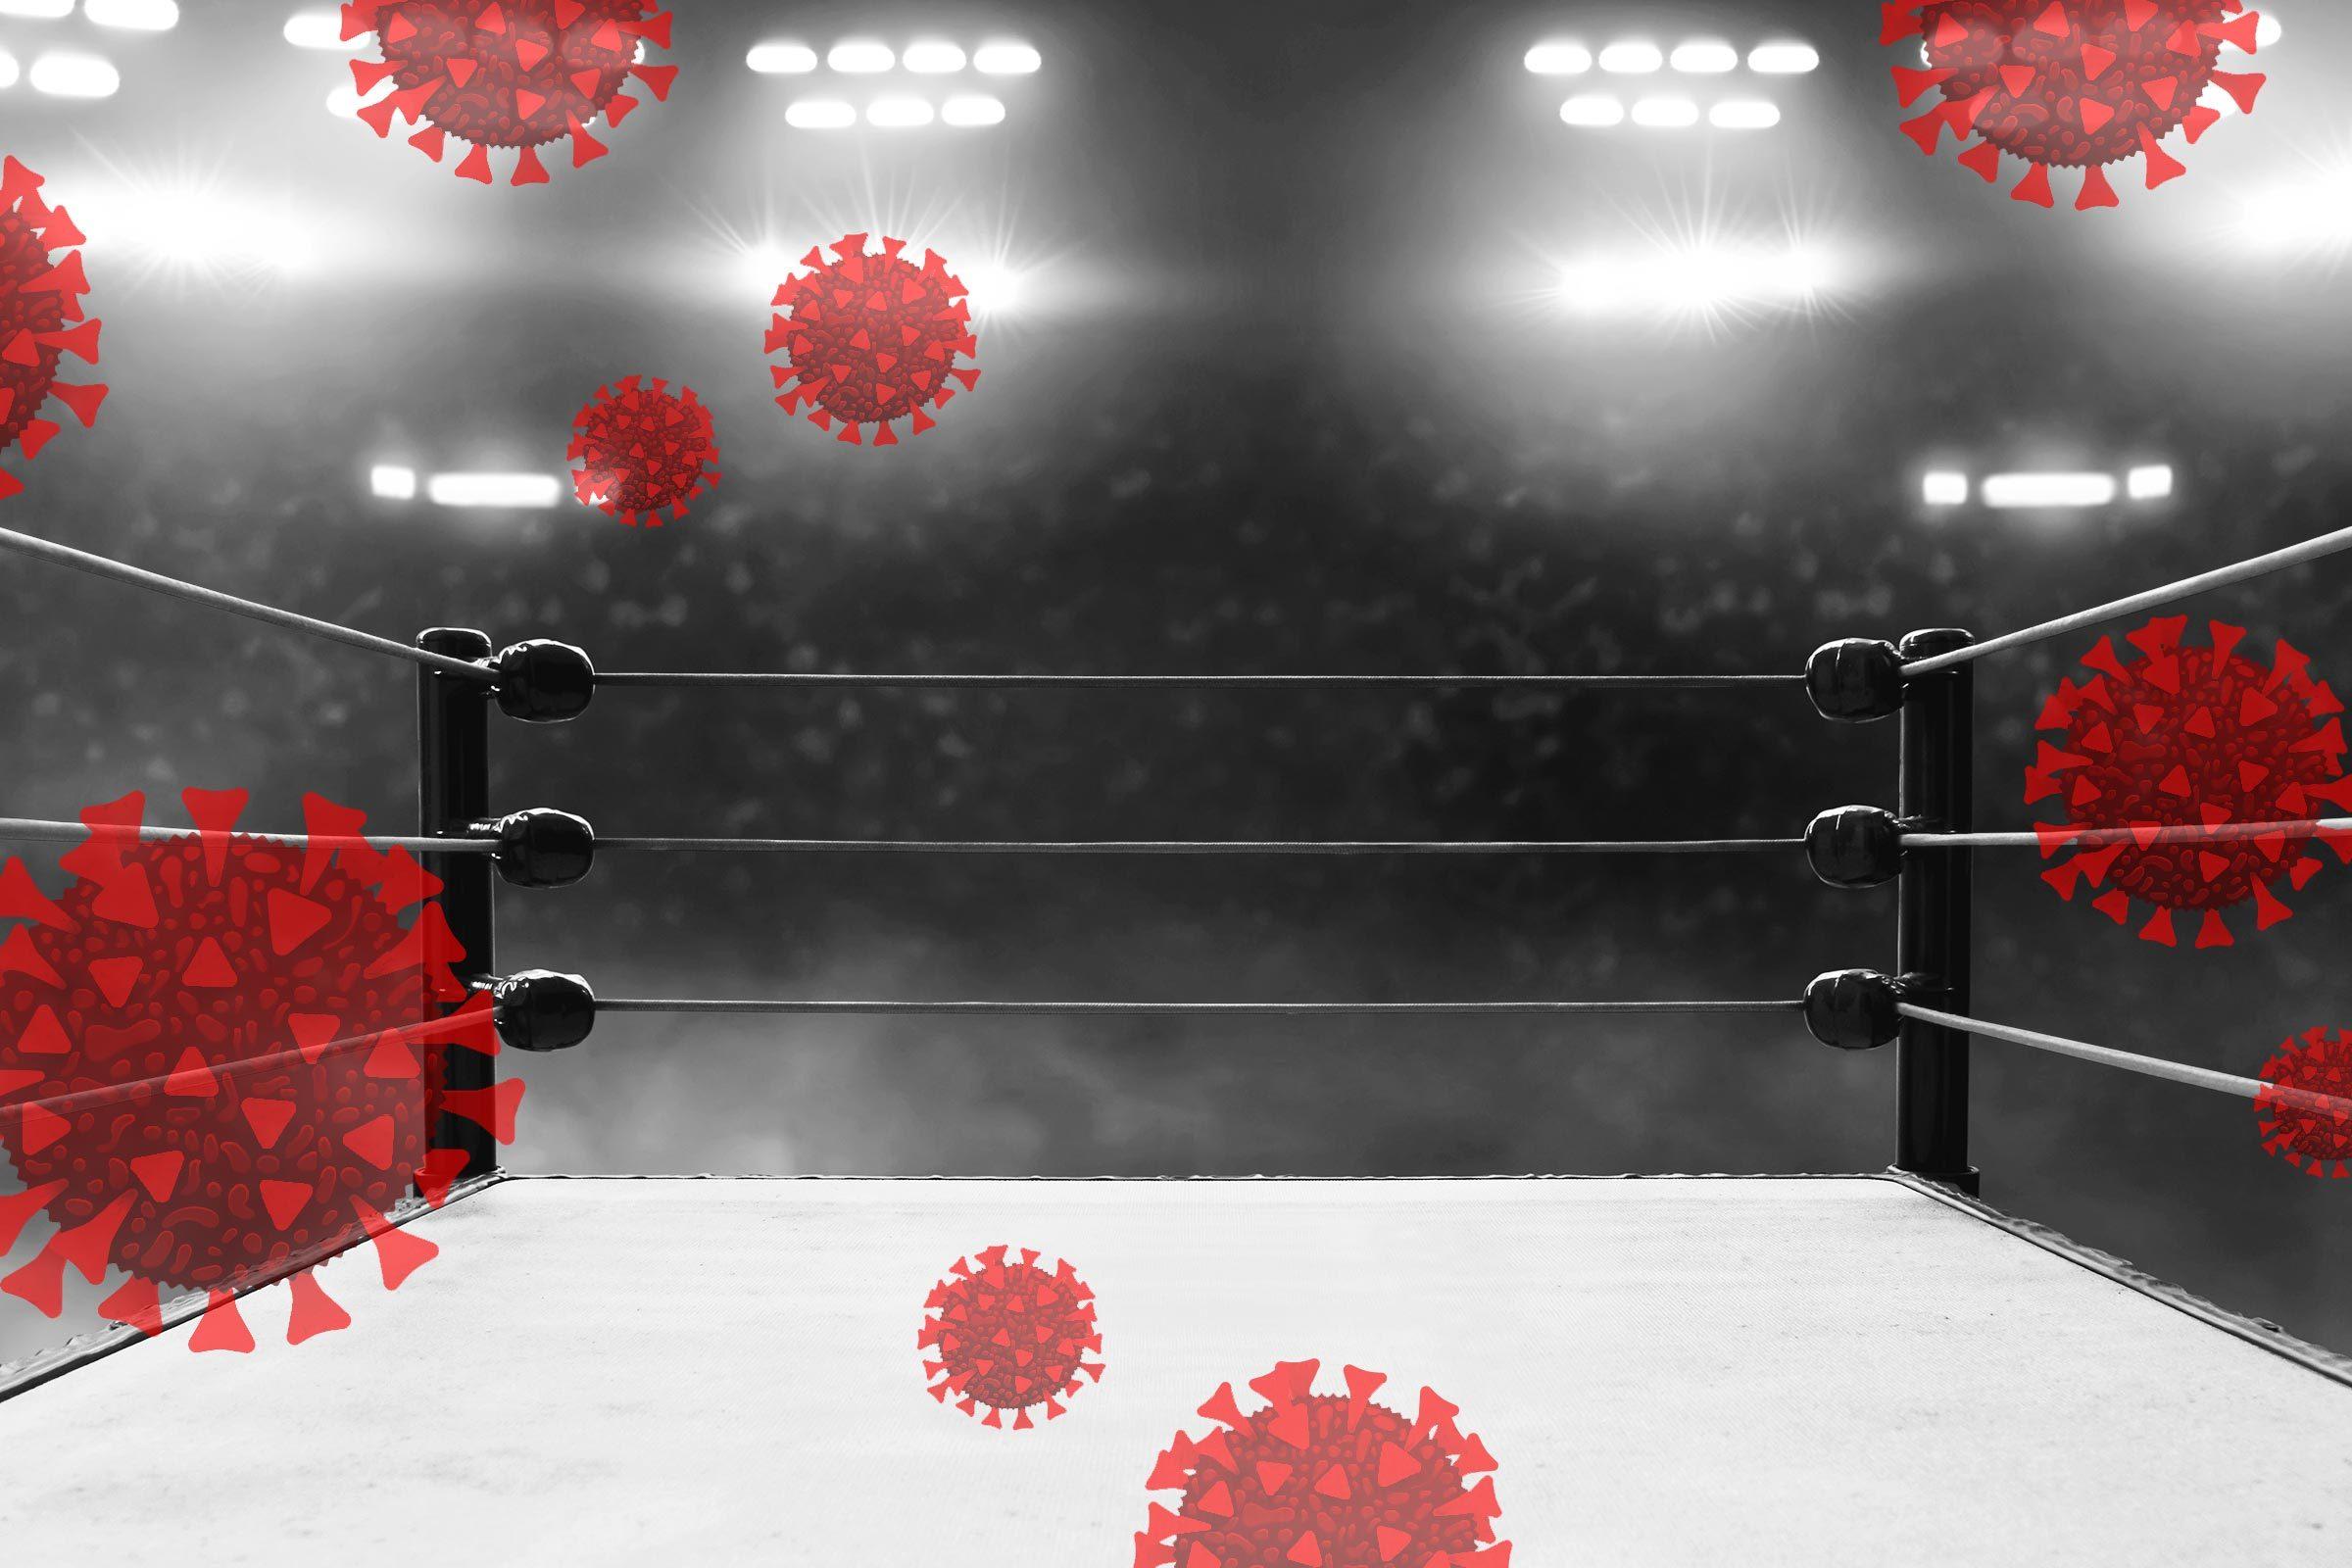 A wrestler grapples with a tough choice